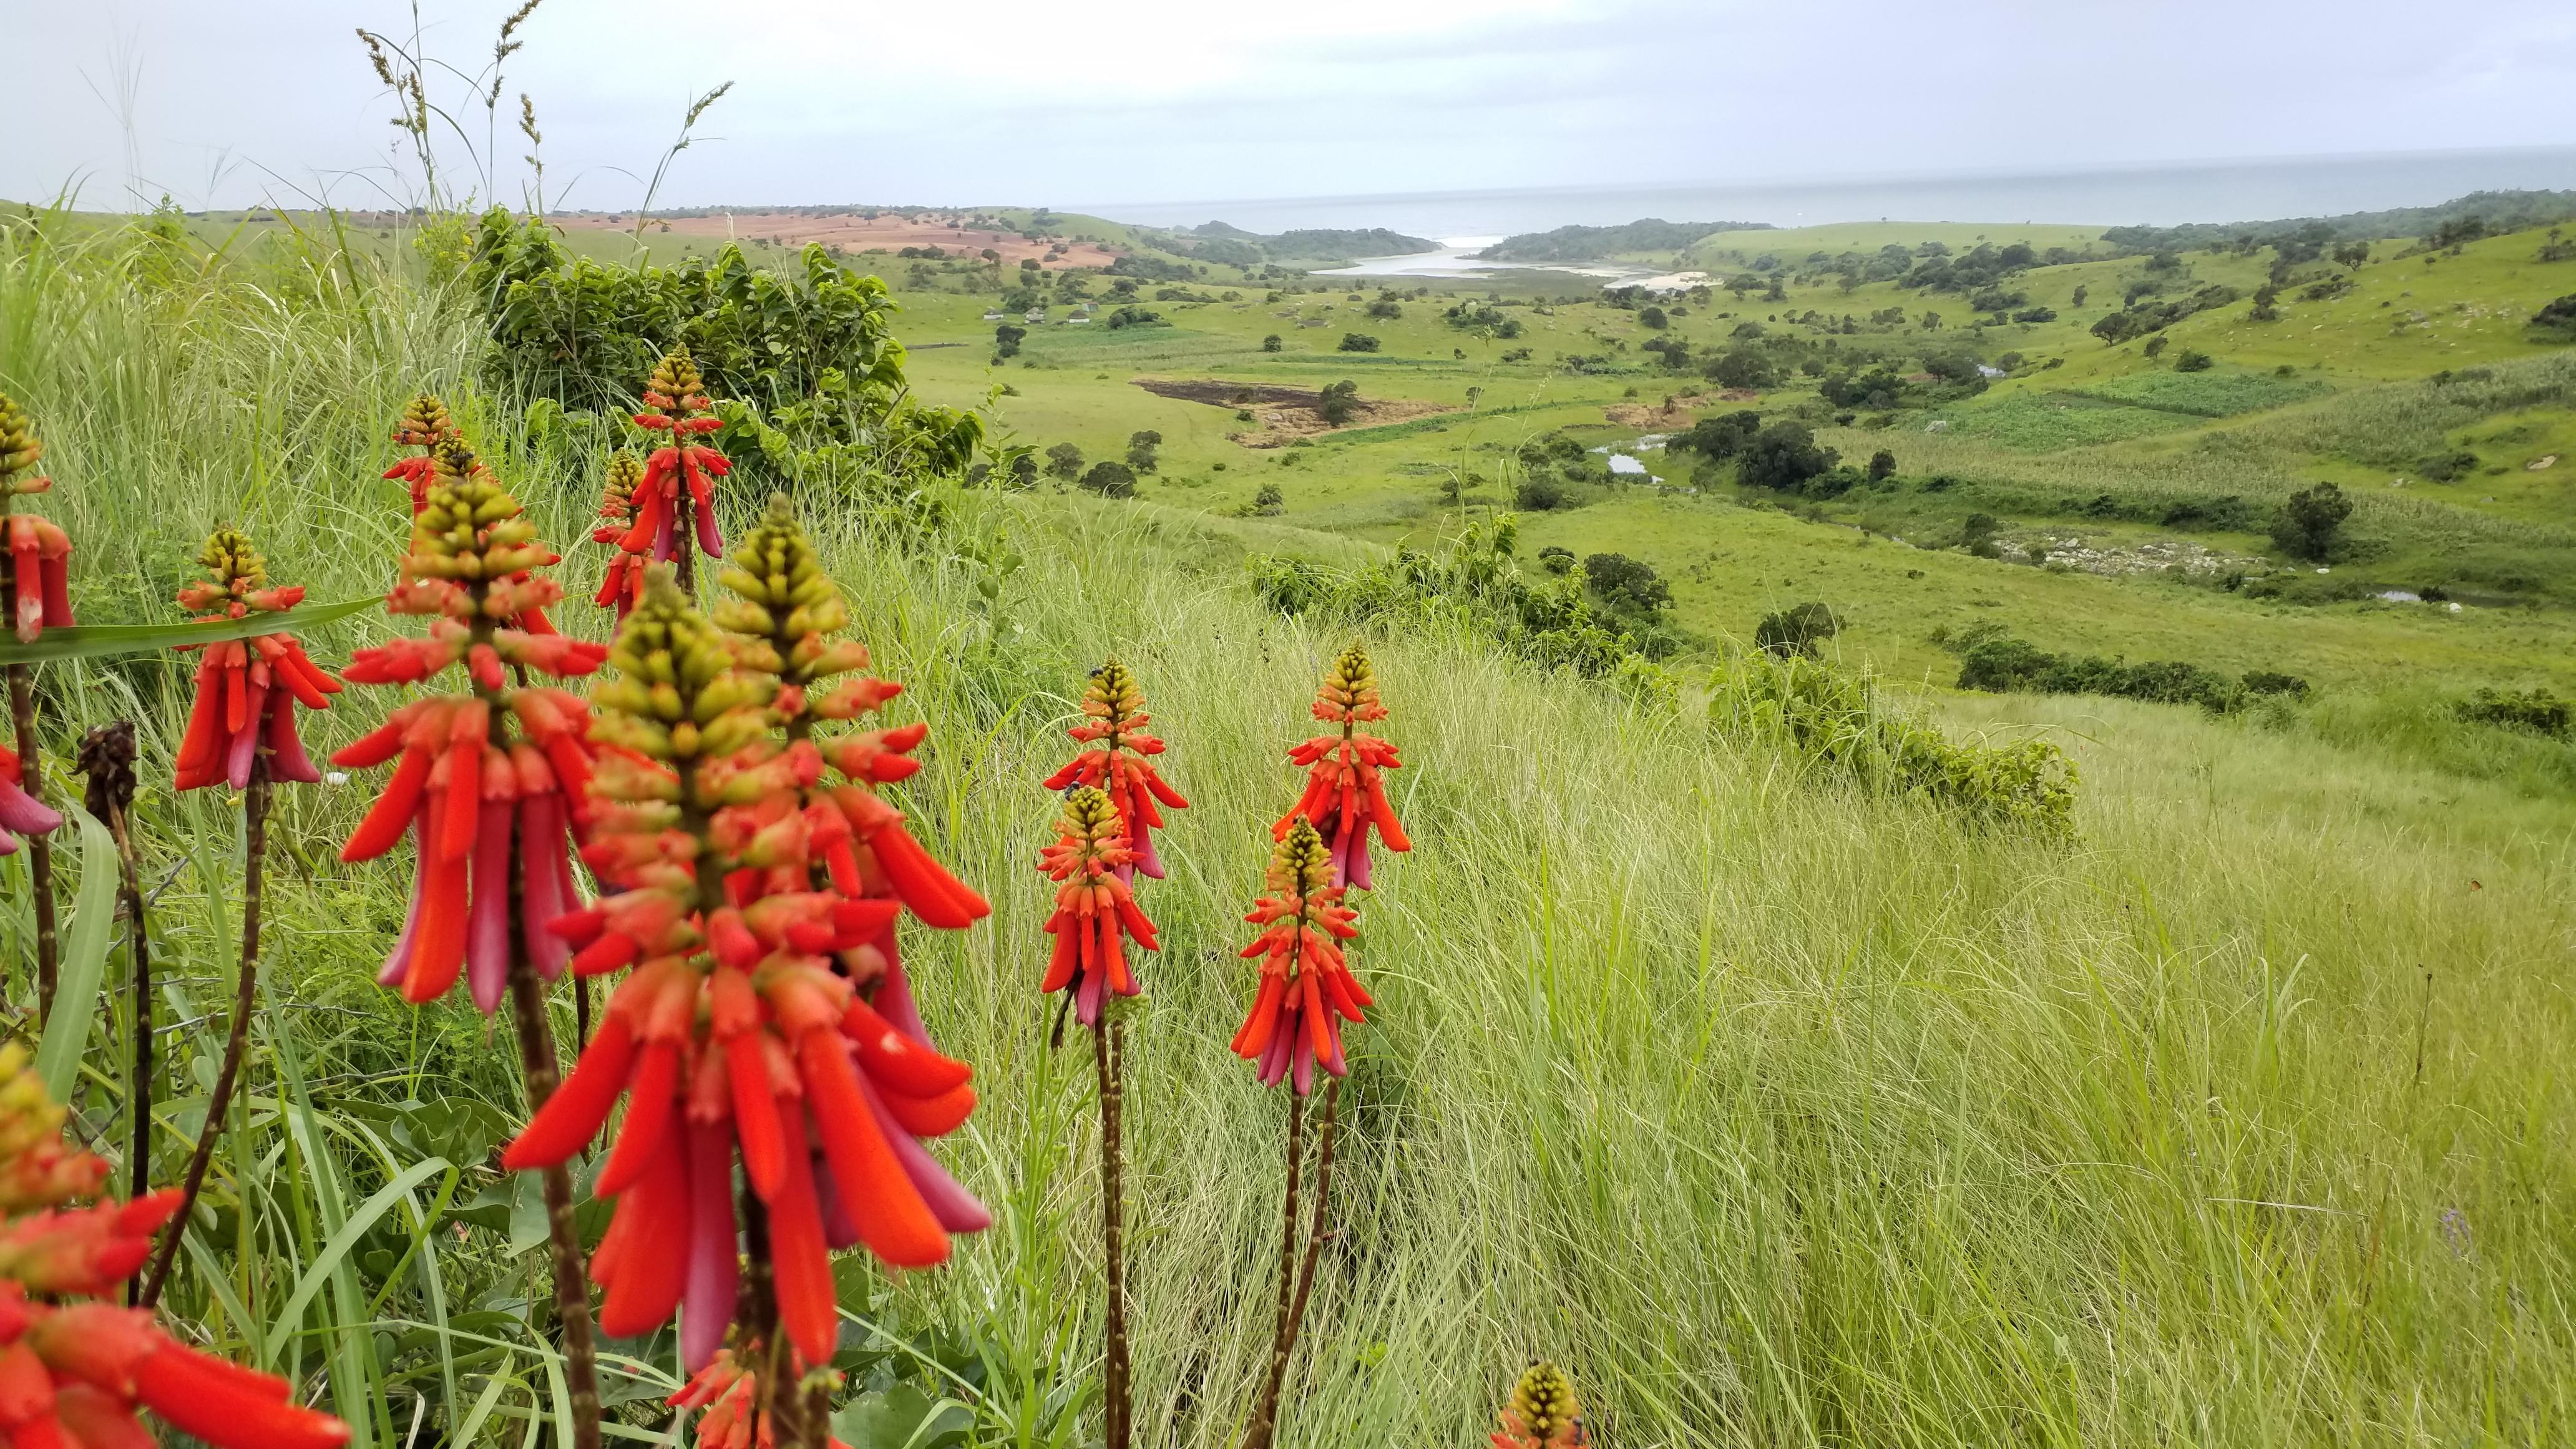 Amadiba Landscape